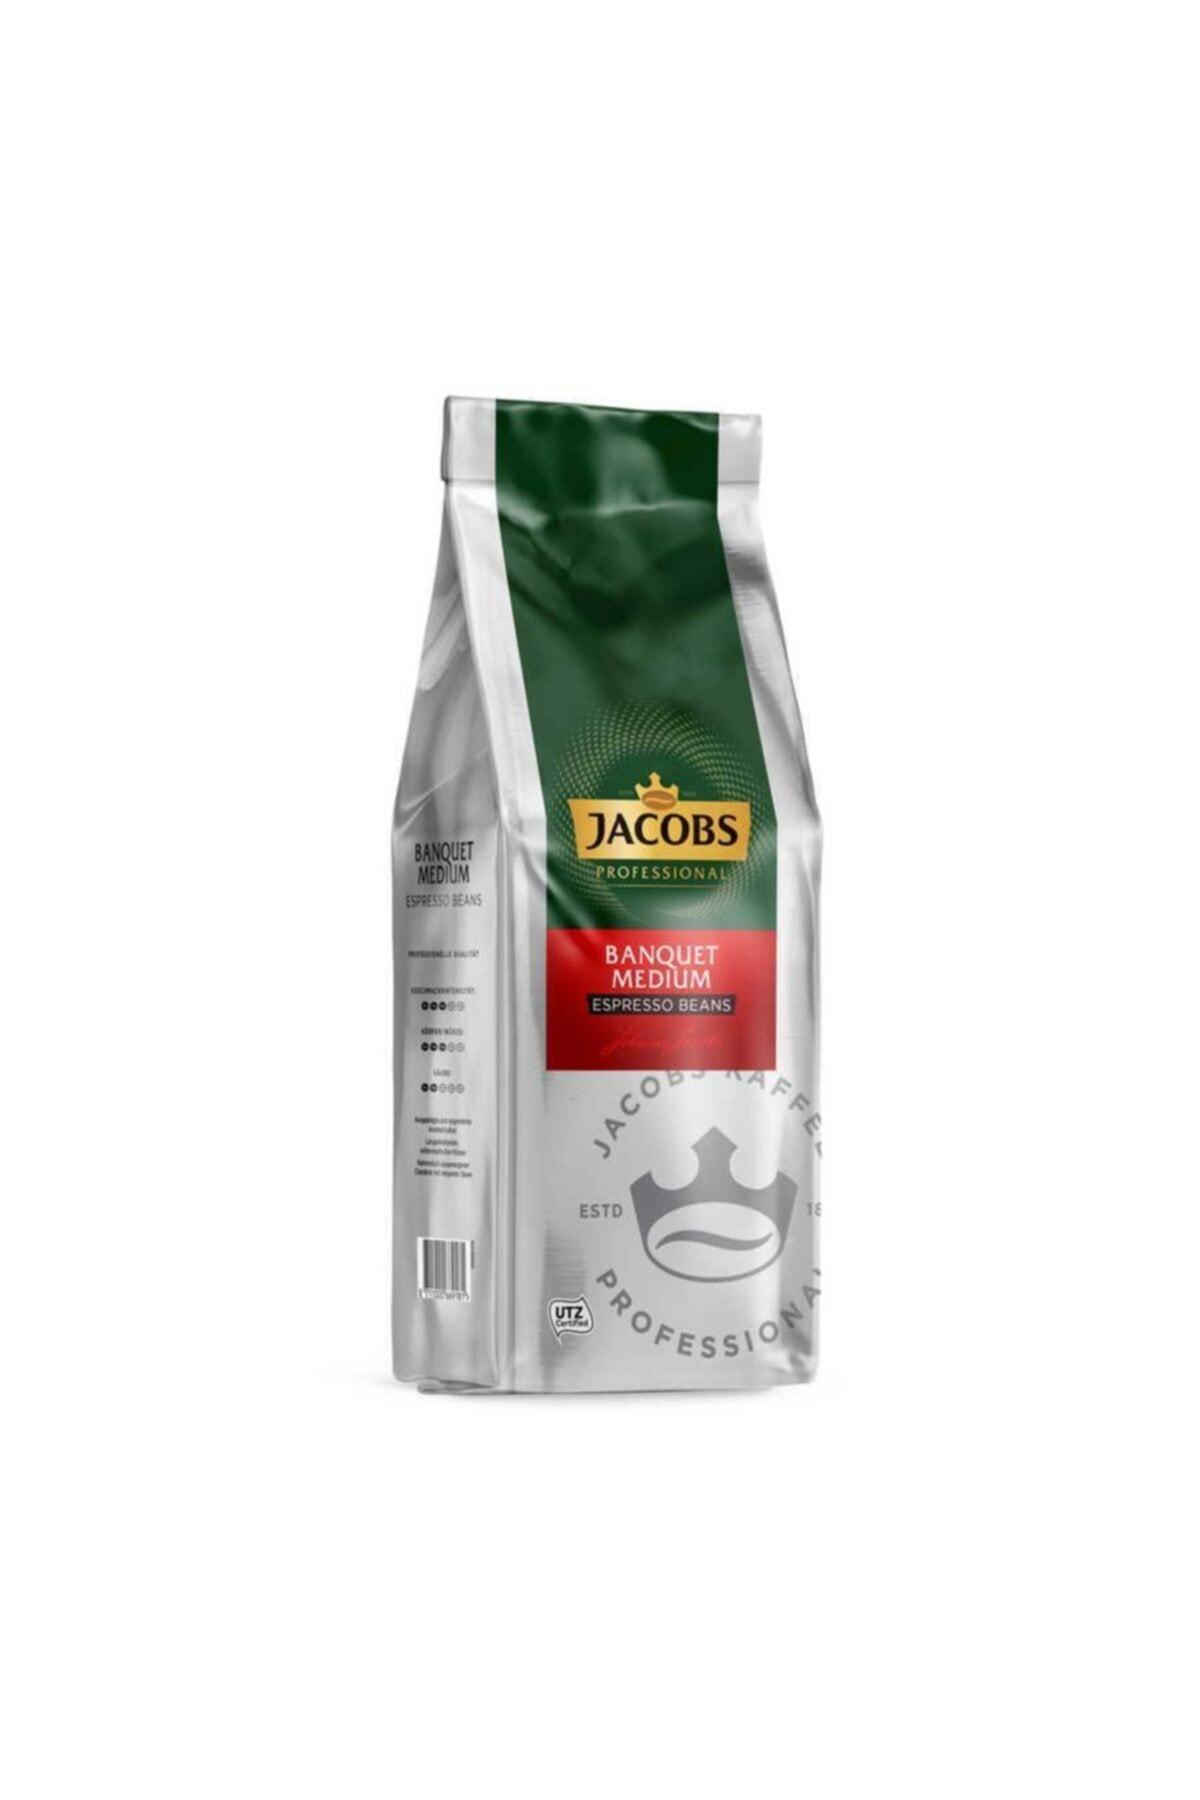 Jacobs Cafe Crema (Banquet Medium) Çekirdek Kahve 1 Kg 1